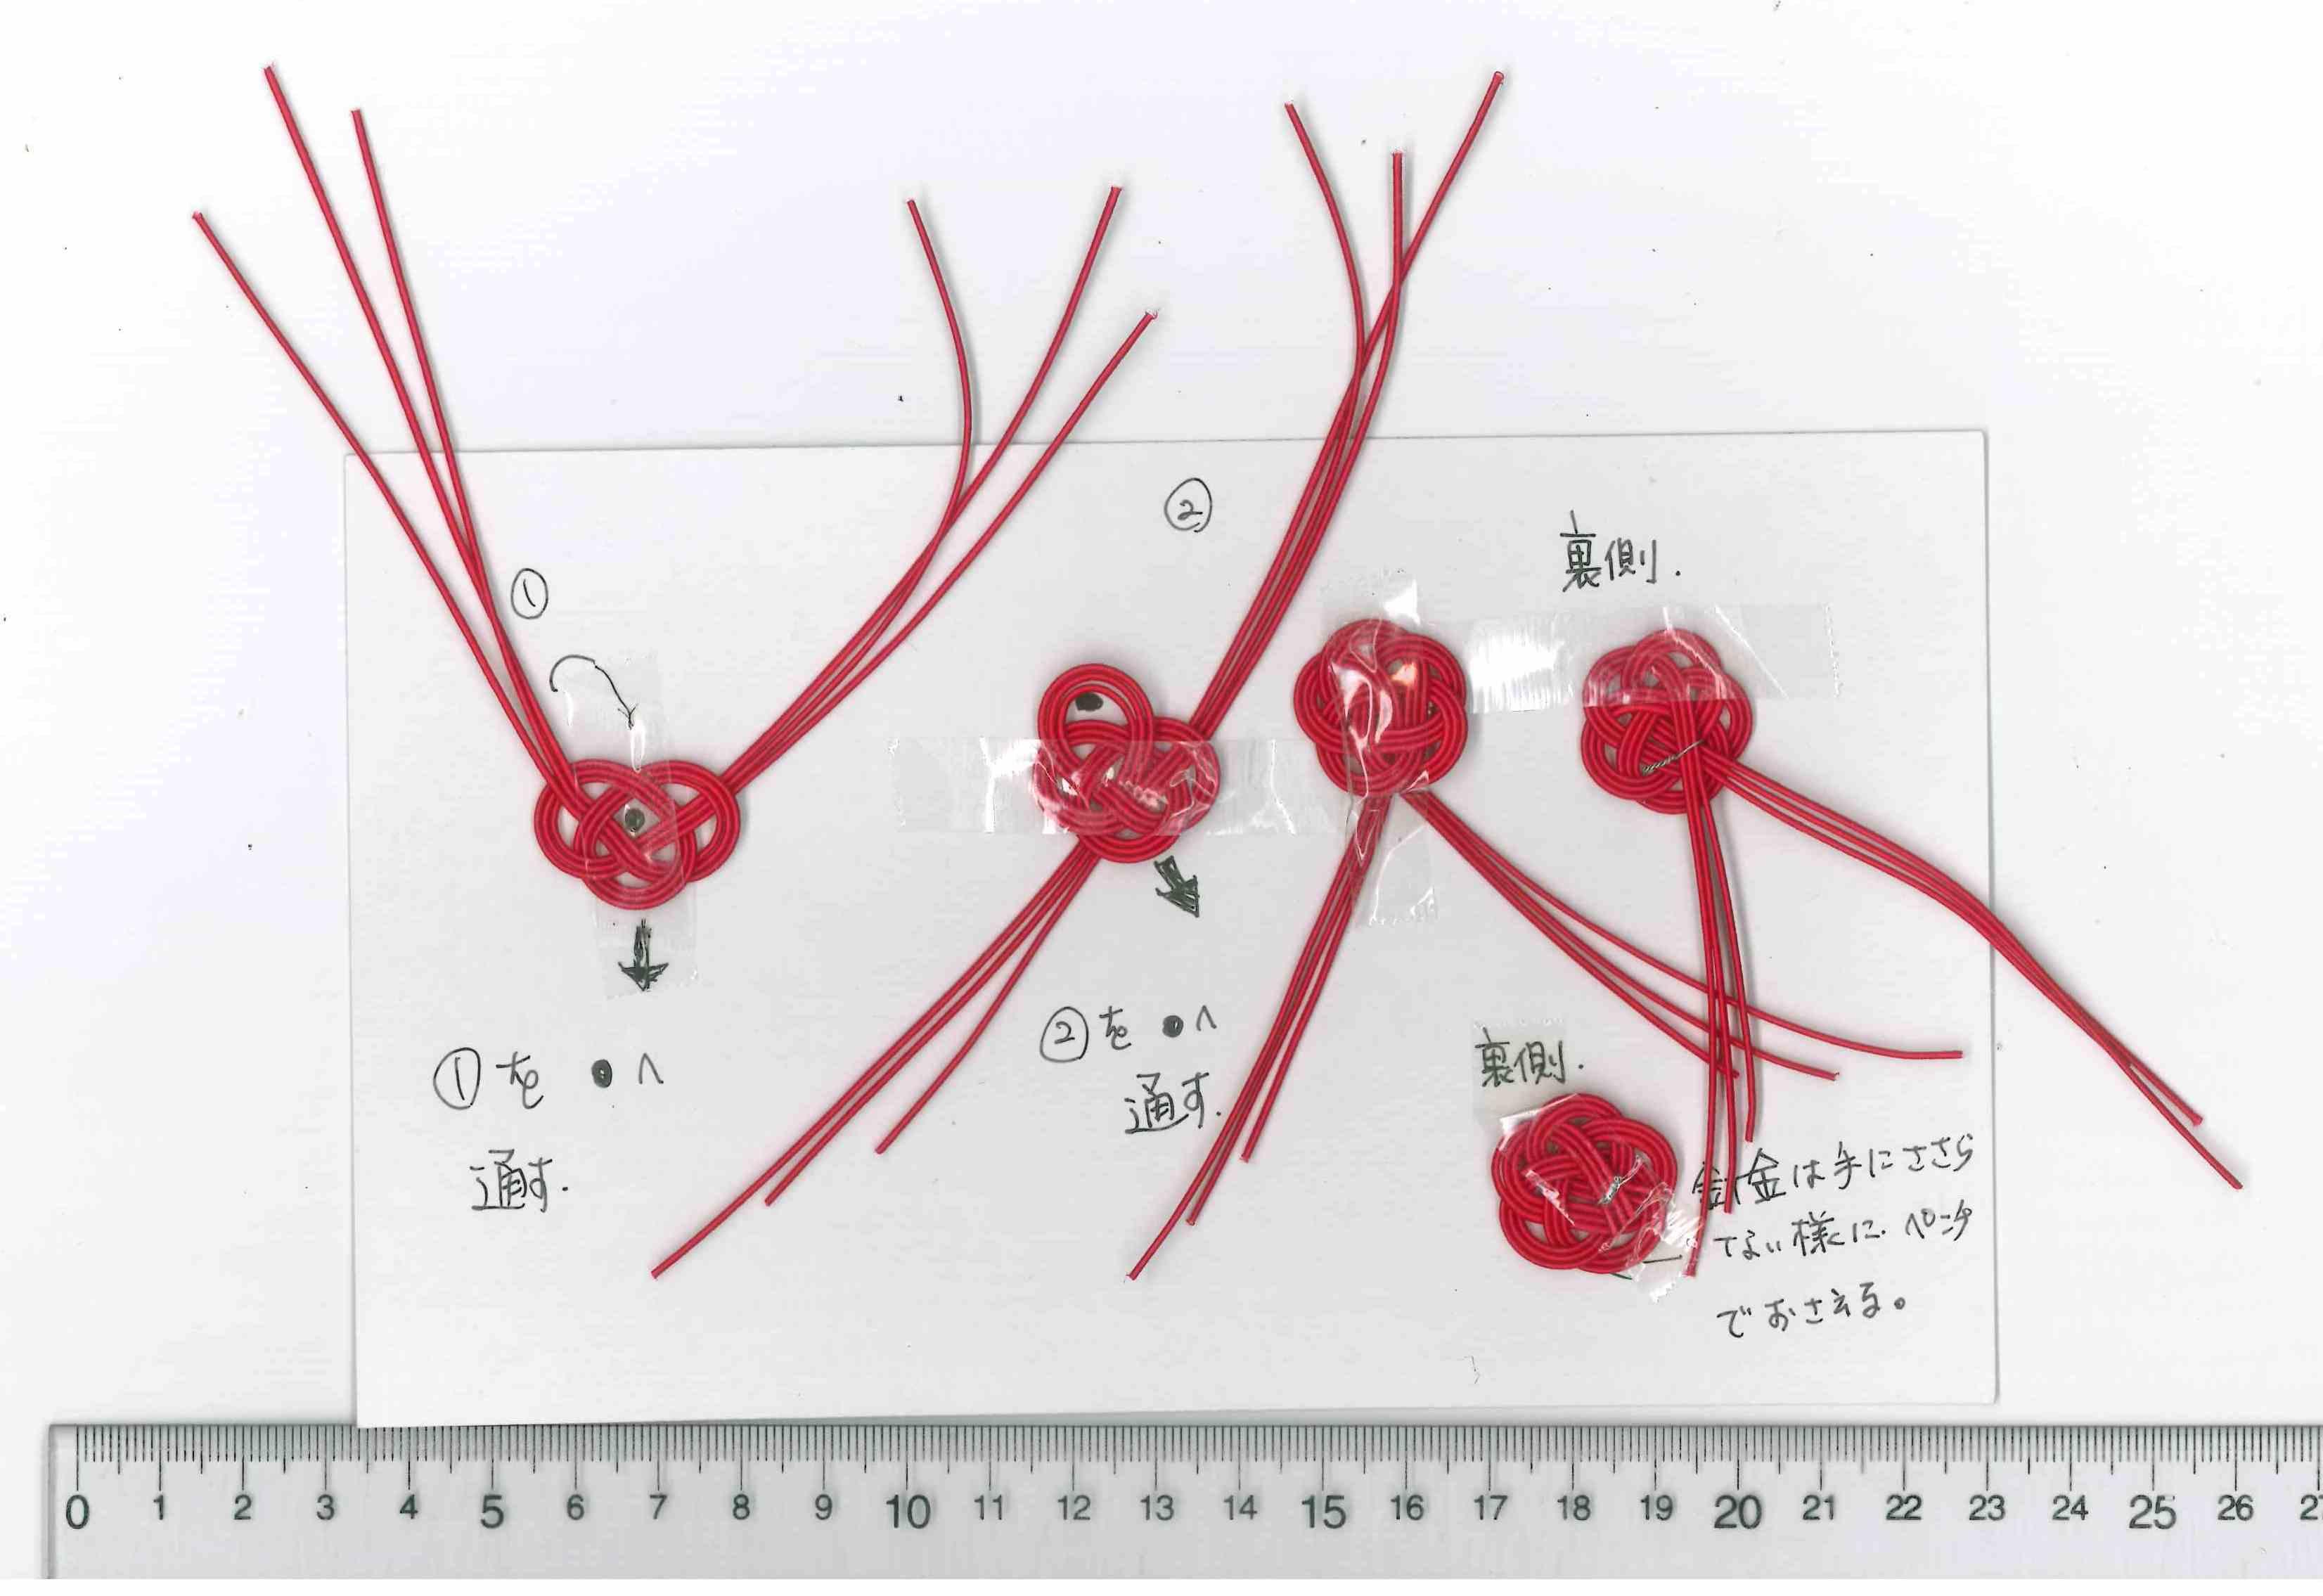 水引の結び方 飾り結び梅の作り方